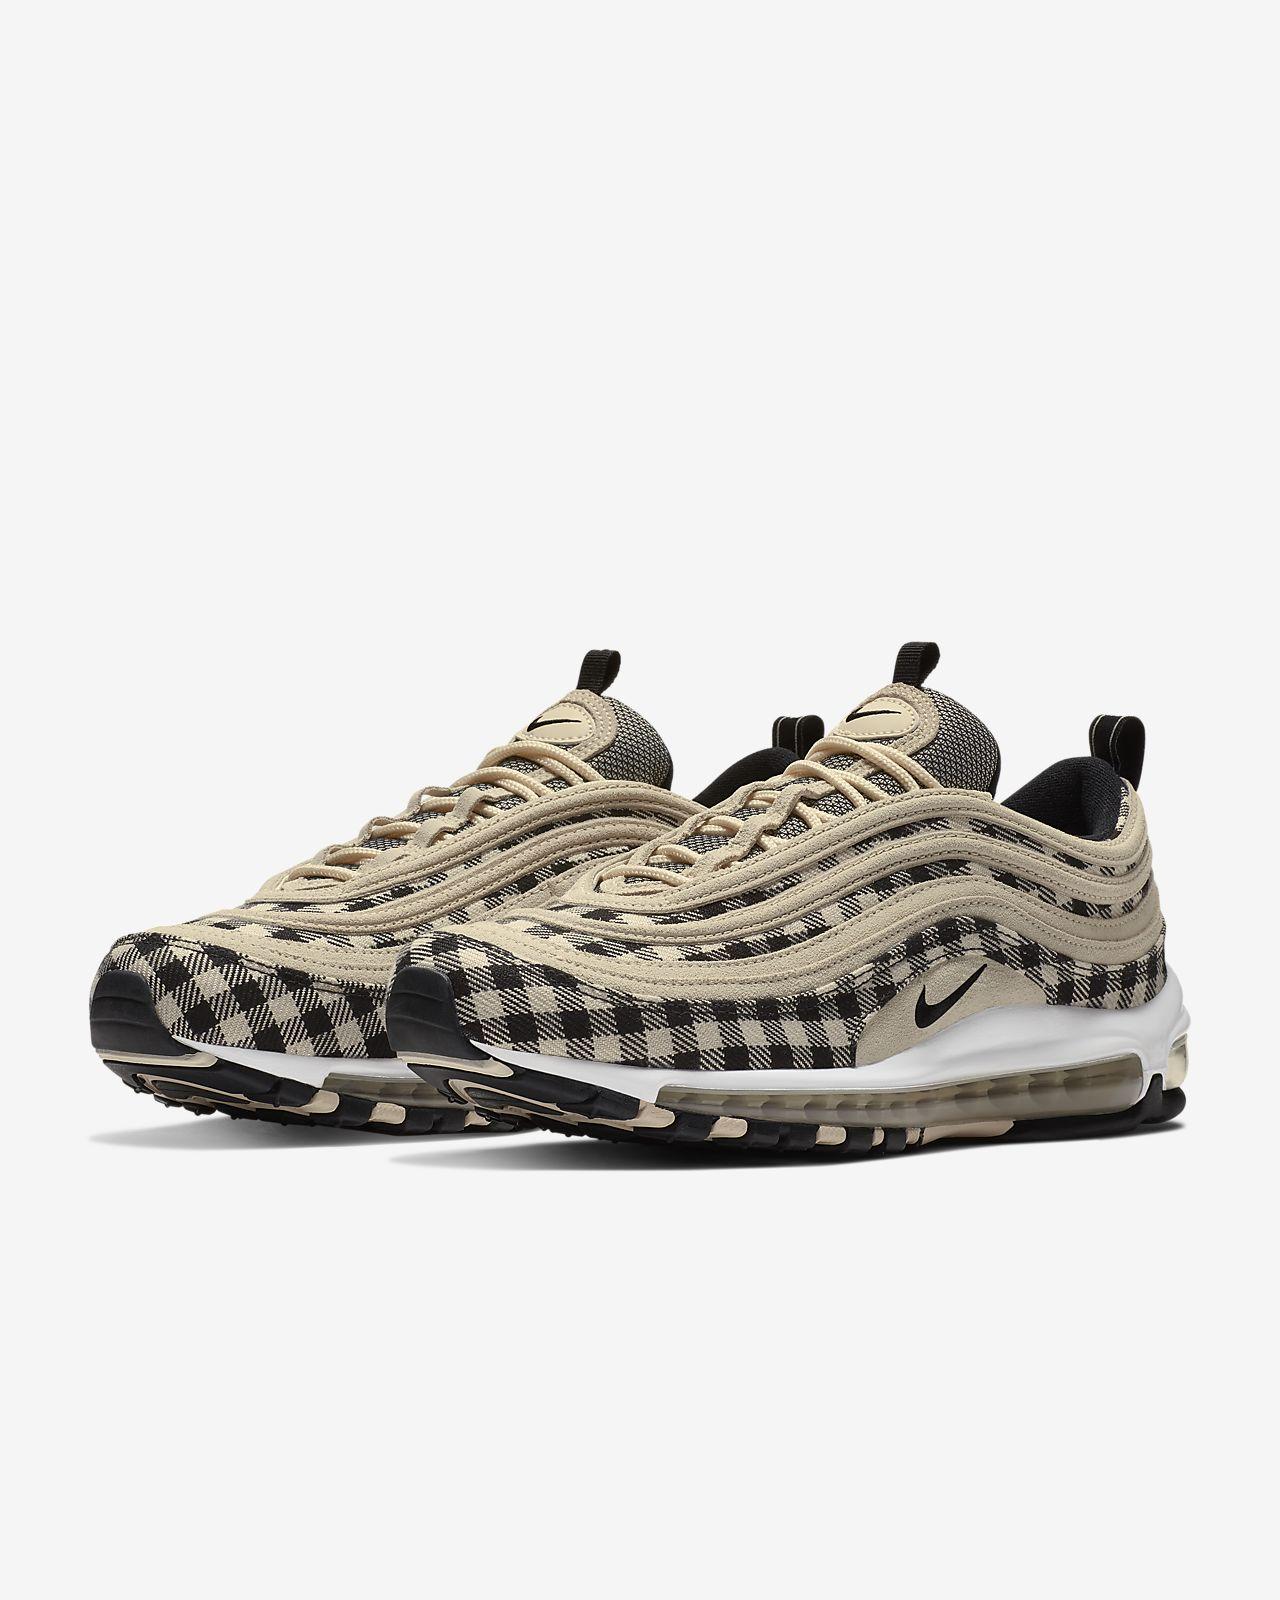 c299d63149bc7 Nike Air Max 97 Premium Men s Shoe. Nike.com